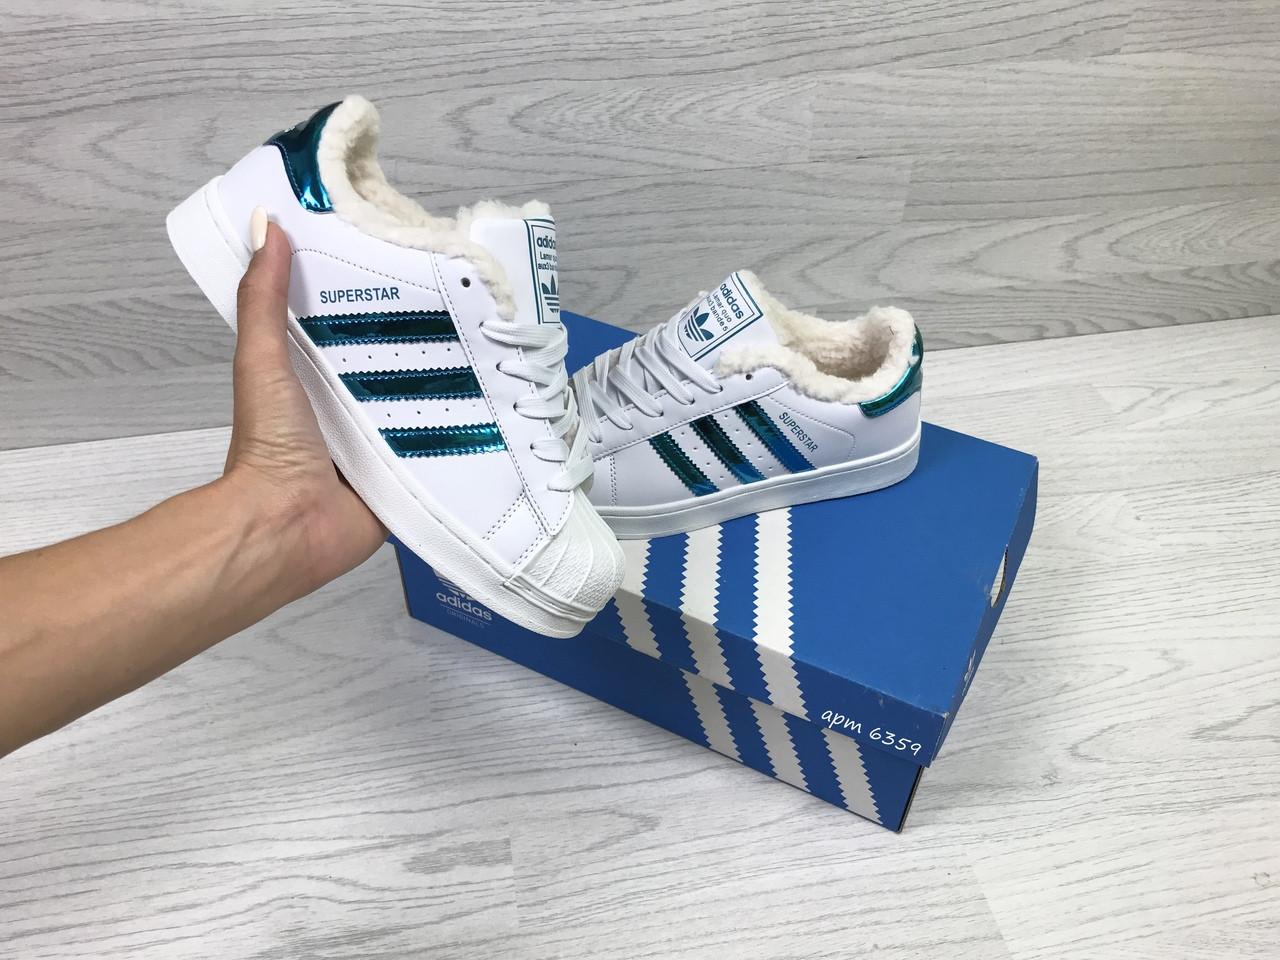 ... Кроссовки в стиле Adidas Superstar (белые с зеленым) женские зимние  кроссовки код товара 6359 ... d590c9b78e963